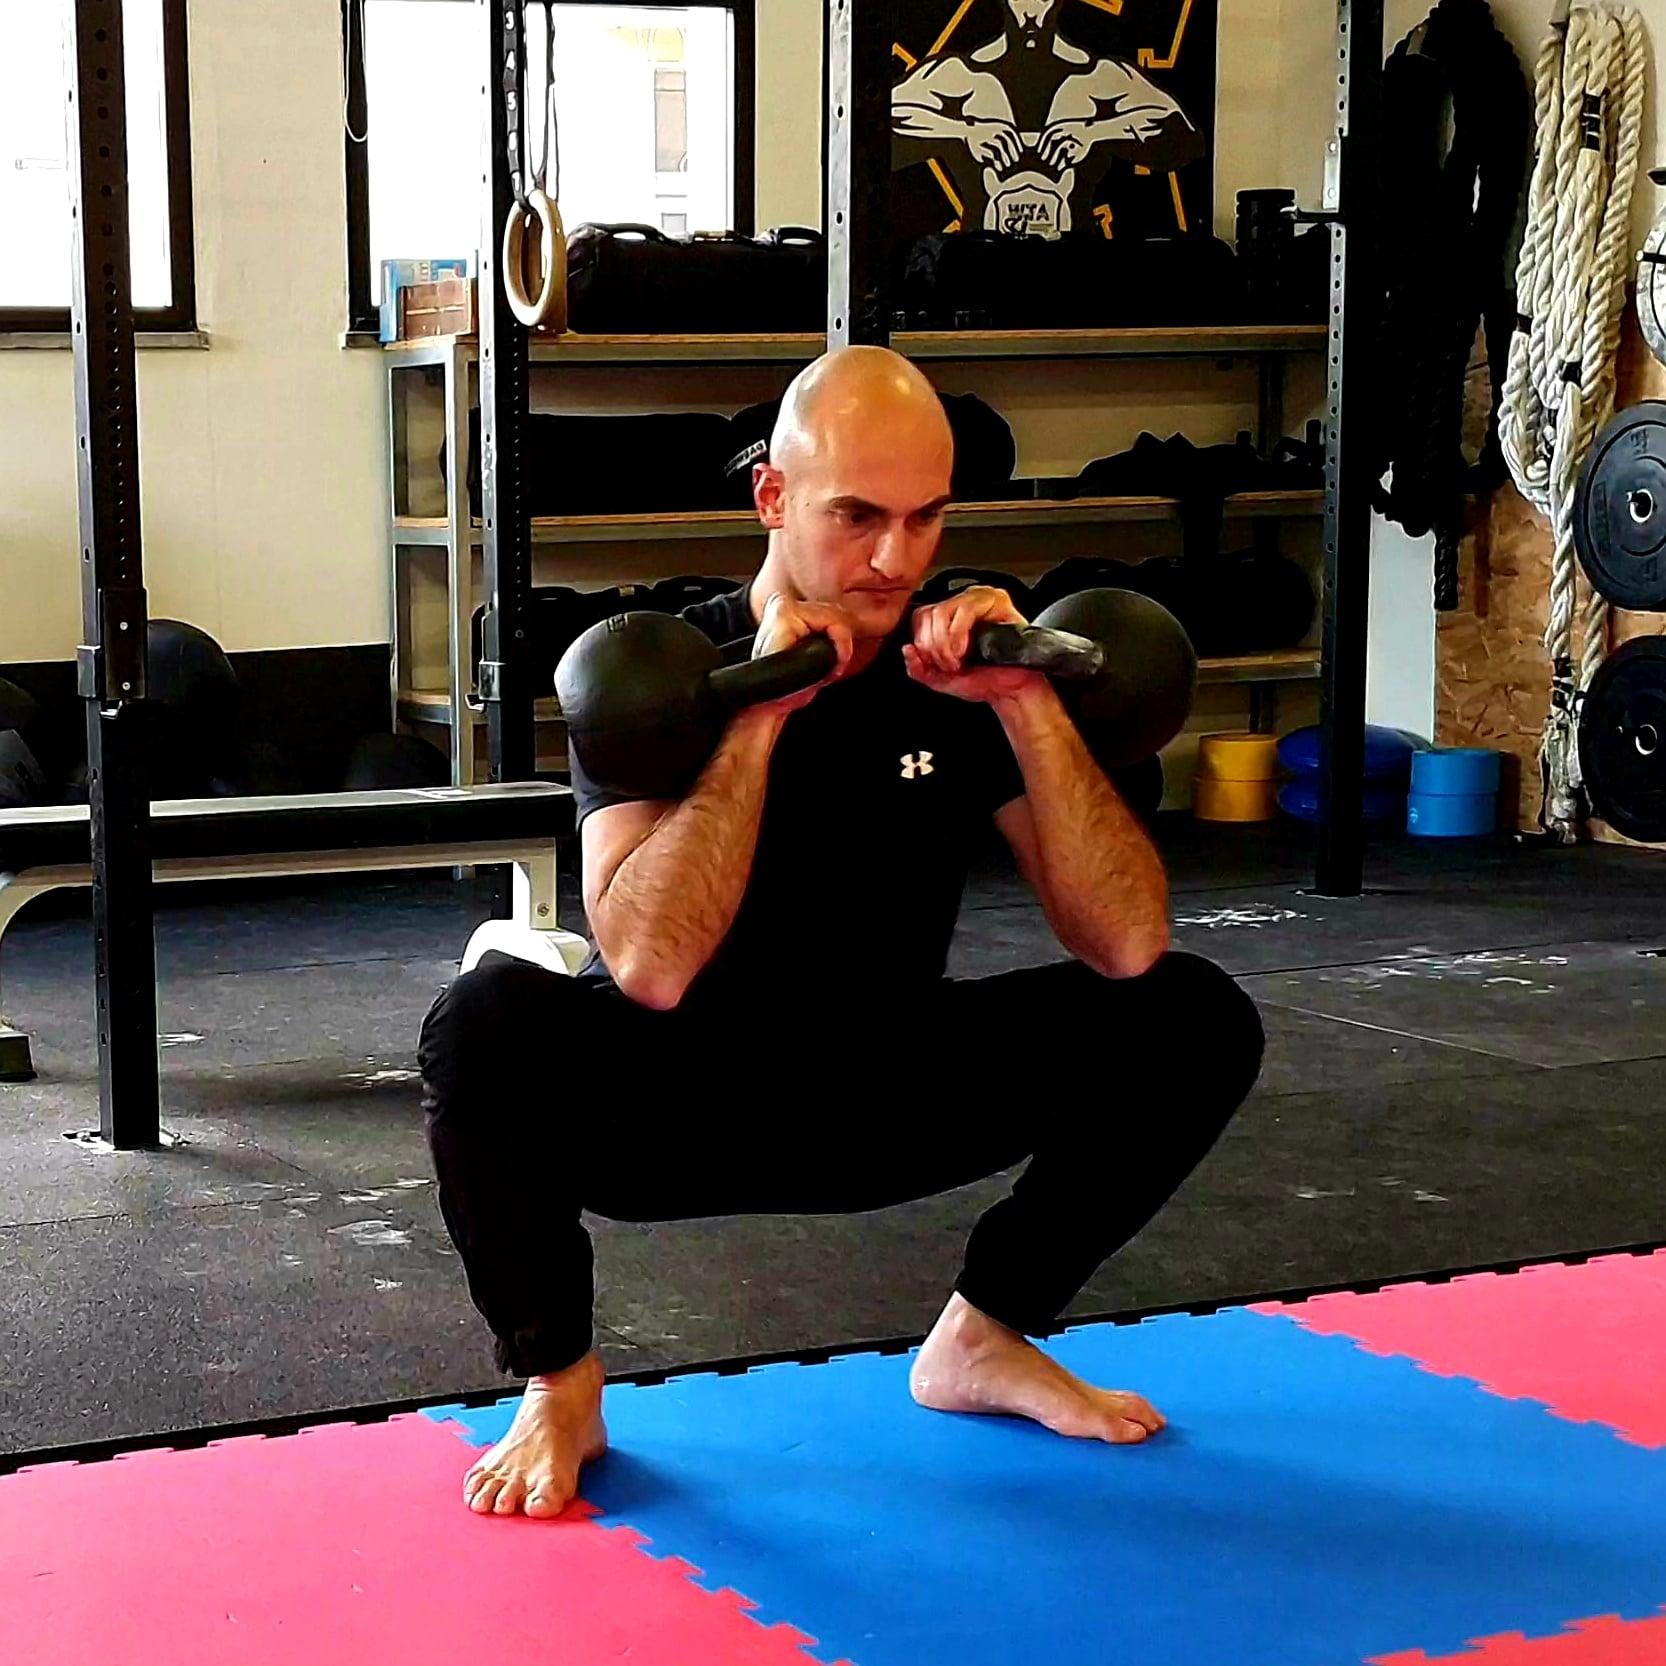 Quali sono le caratteristiche di un allenamento funzionale? - Giulio Fiorucci - Personal Trainer a Parma e provincia